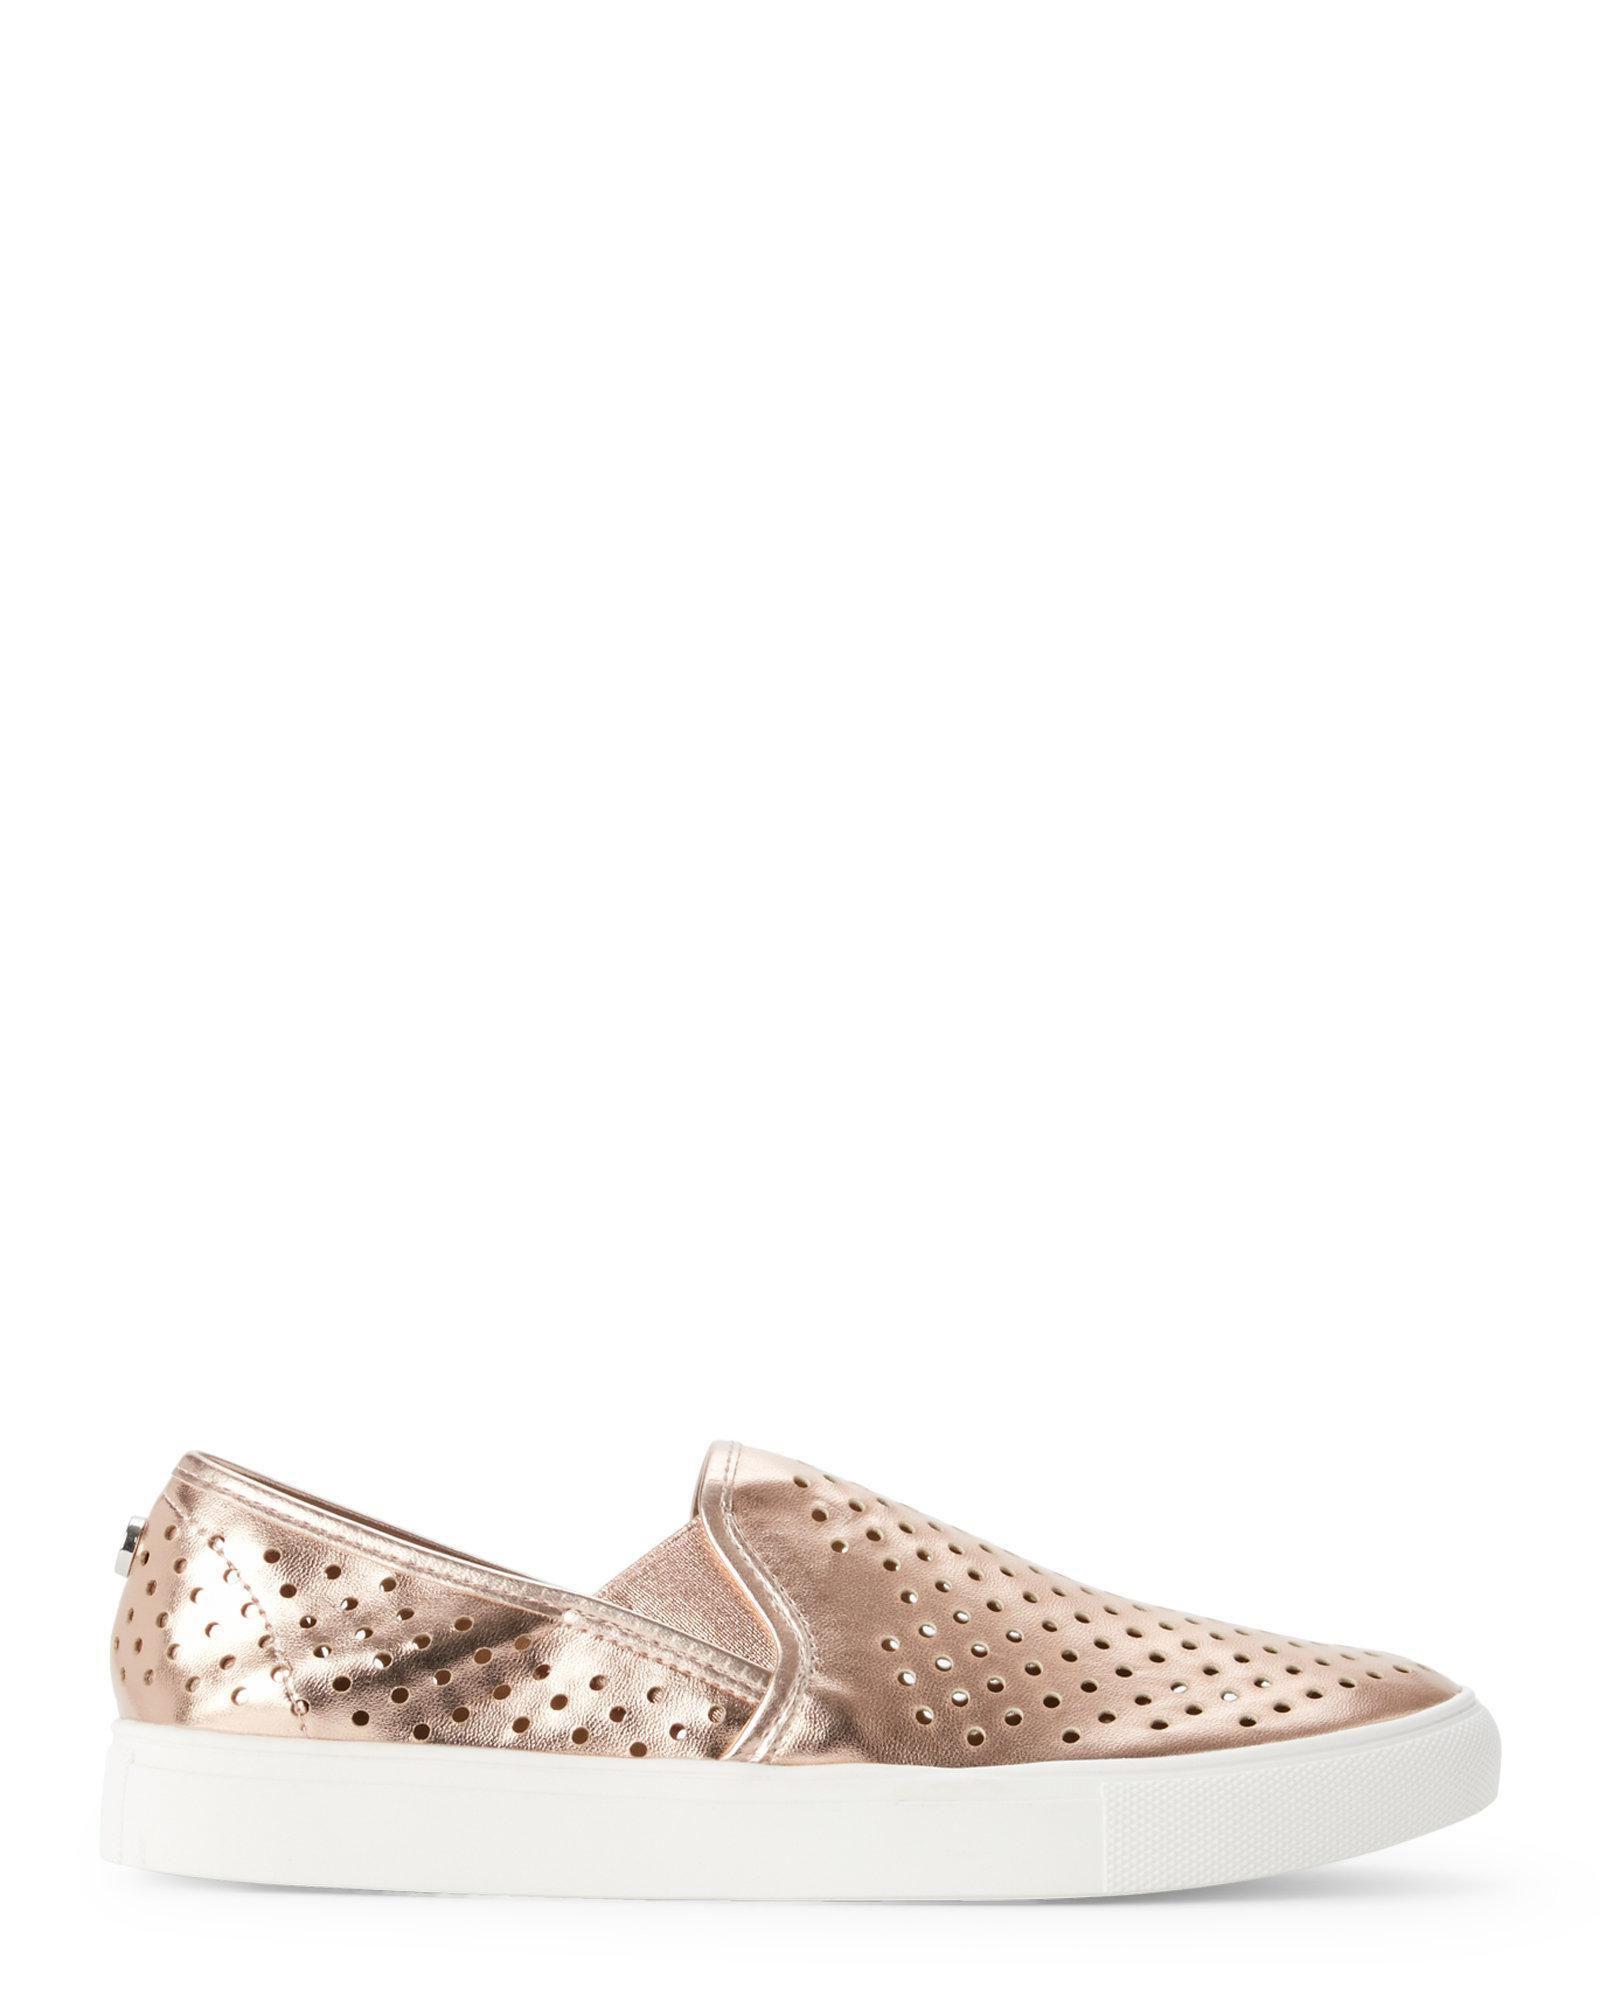 3774d34a9d9 Lyst - Steven By Steve Madden Womens Owen Low Top Slip On Fashion Sneakers  in Pink